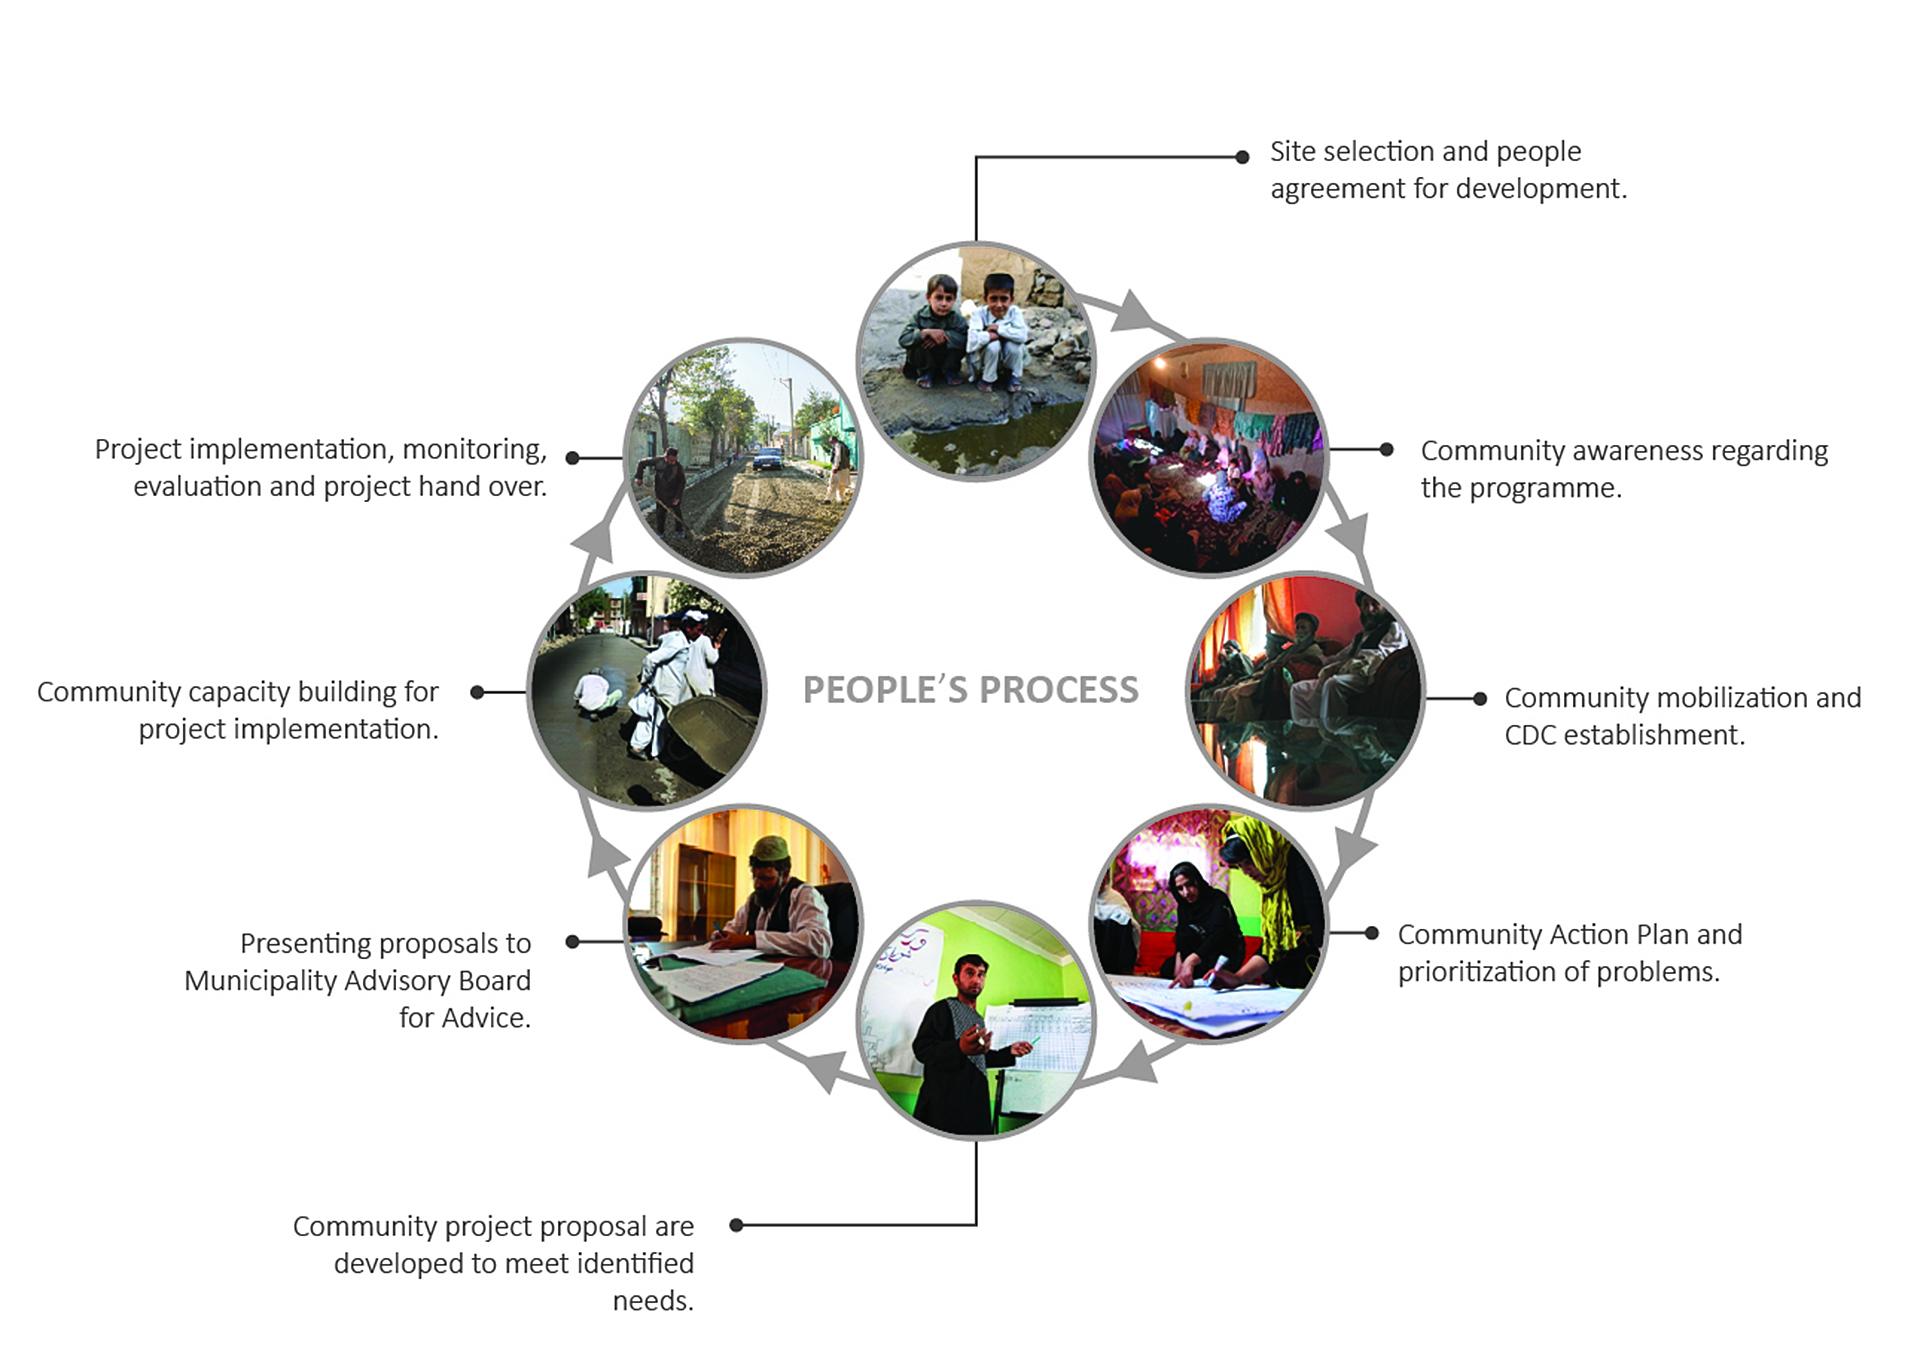 I avsaknad av formella strukturer har 'people's process' utvecklats för att kunna driva lokala utvecklingsprojekt. Genom mobilisering, kompettensbyggande, analys av problem och identifiering av lösningar genomförs delprojekt.